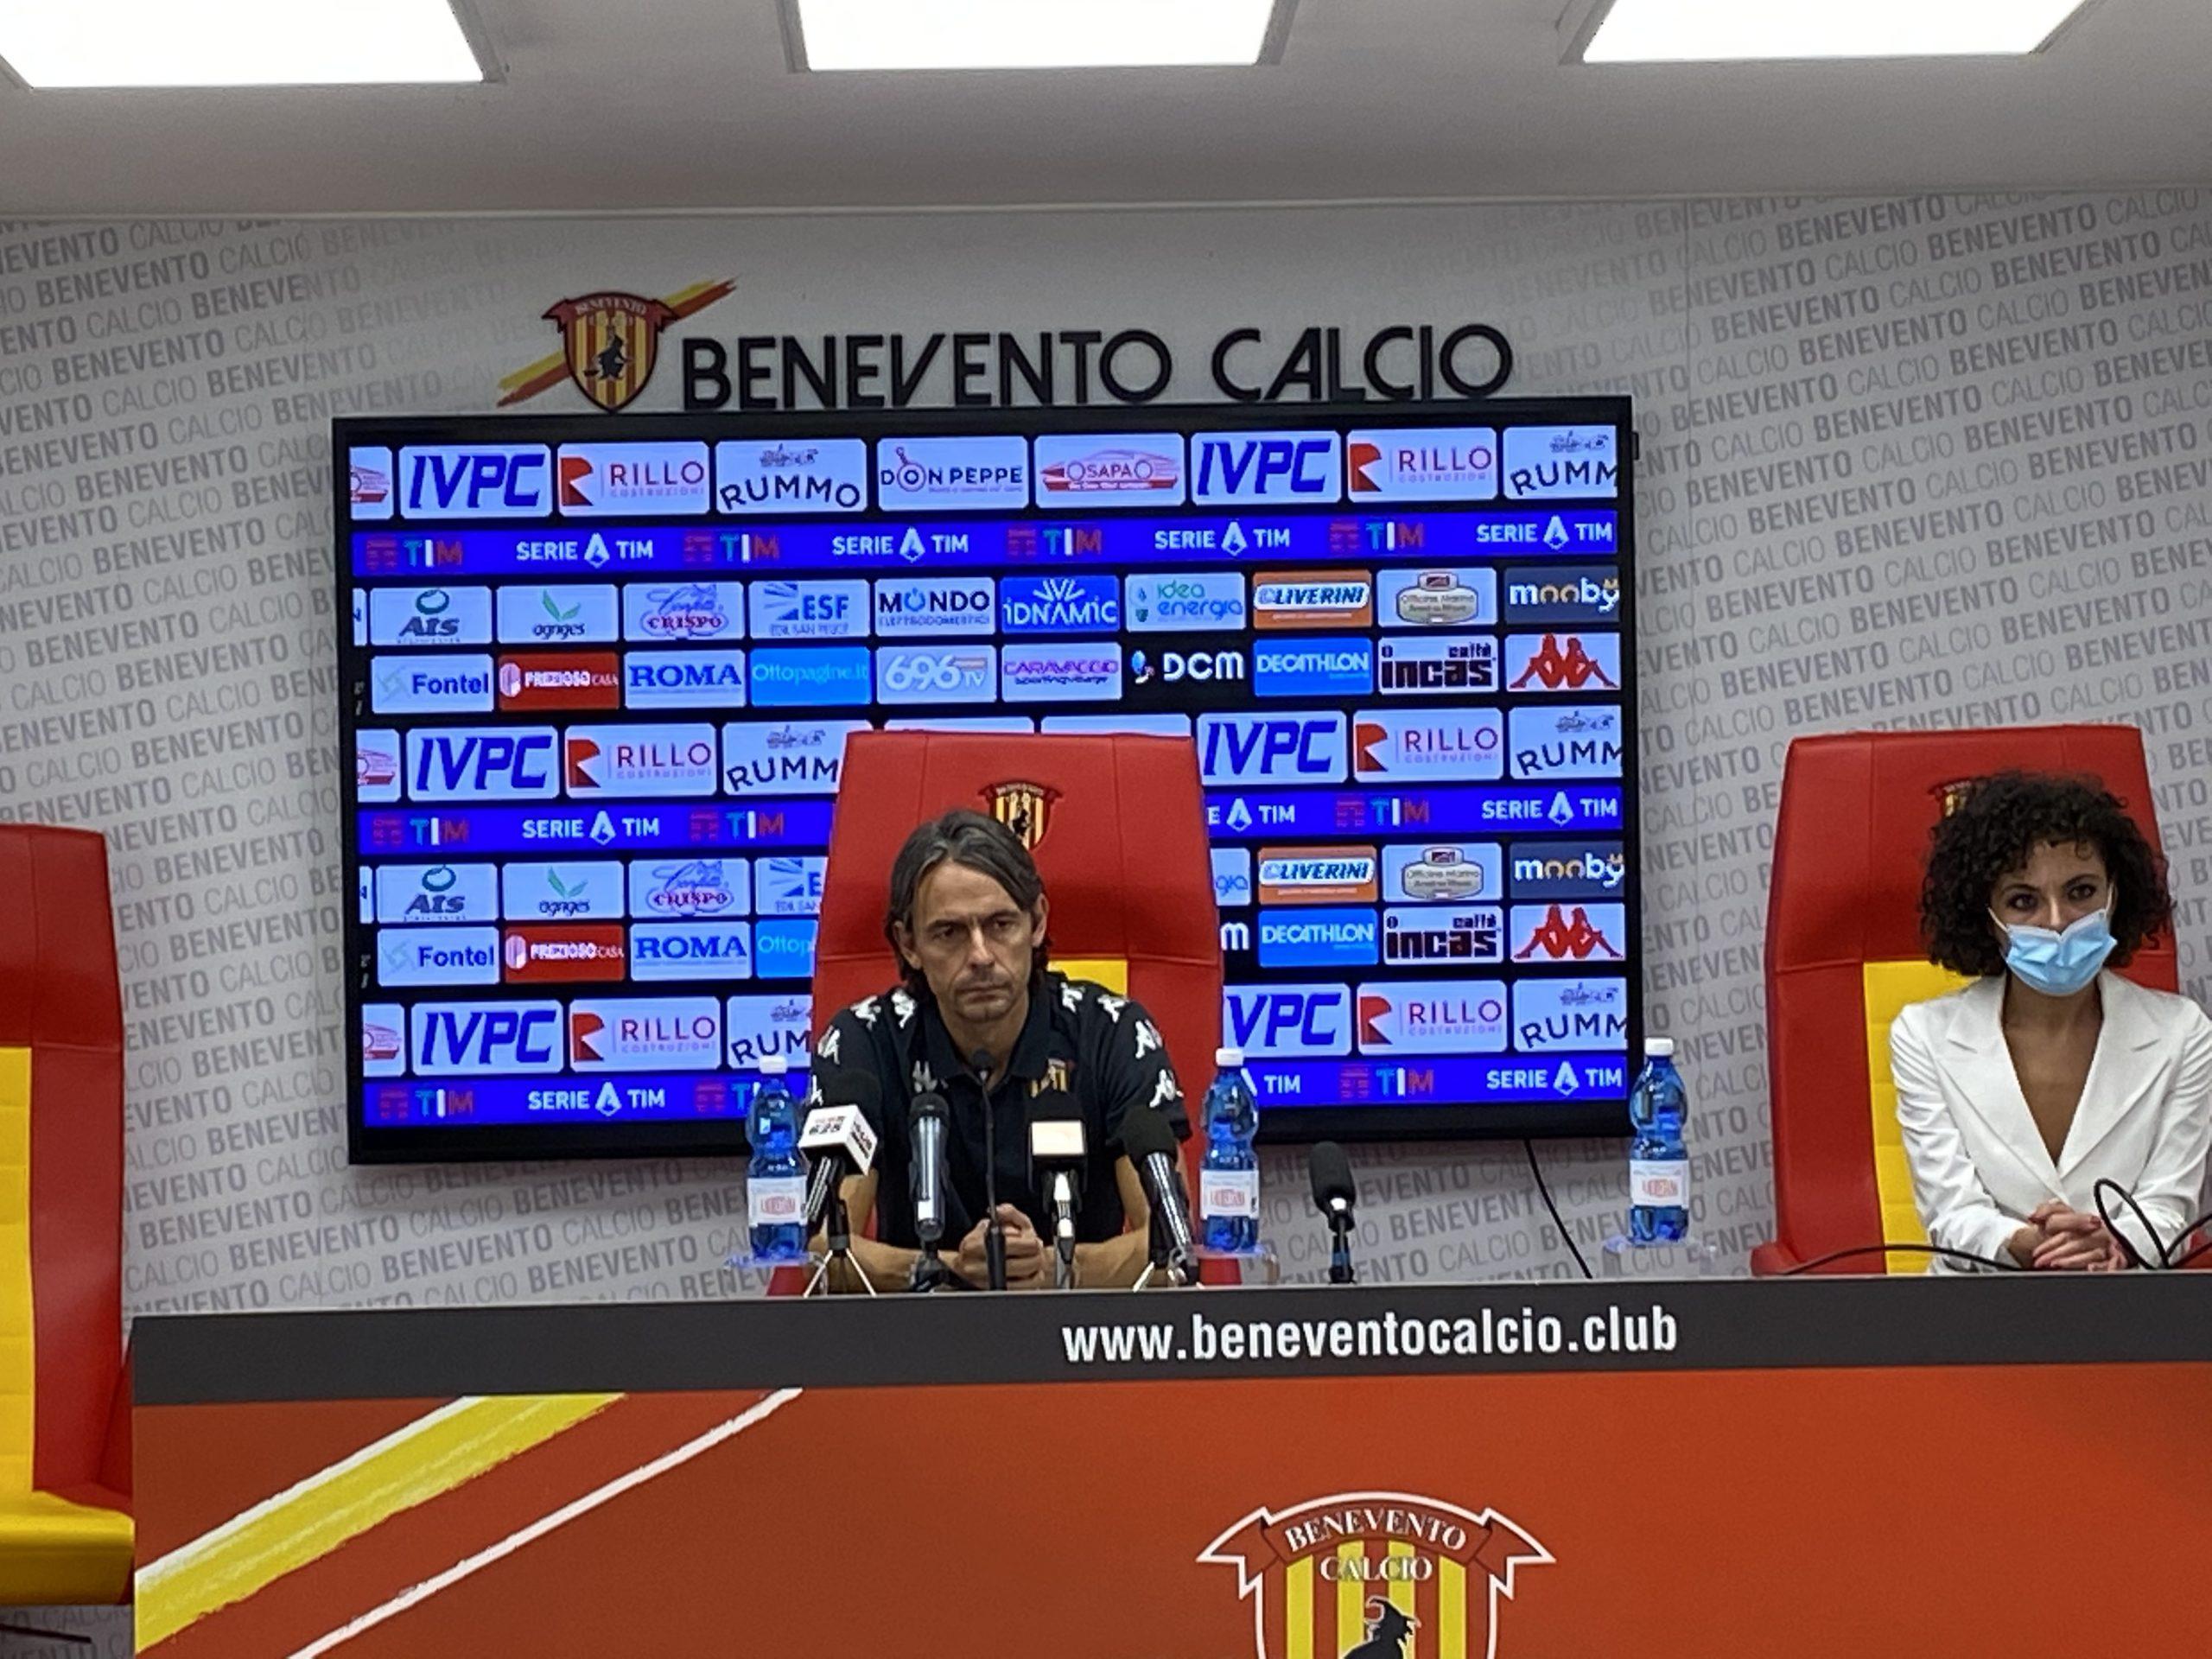 """Benevento, Inzaghi: """"A Parma partita importante. Centrocampo? Qualcosa mi inventerò"""""""